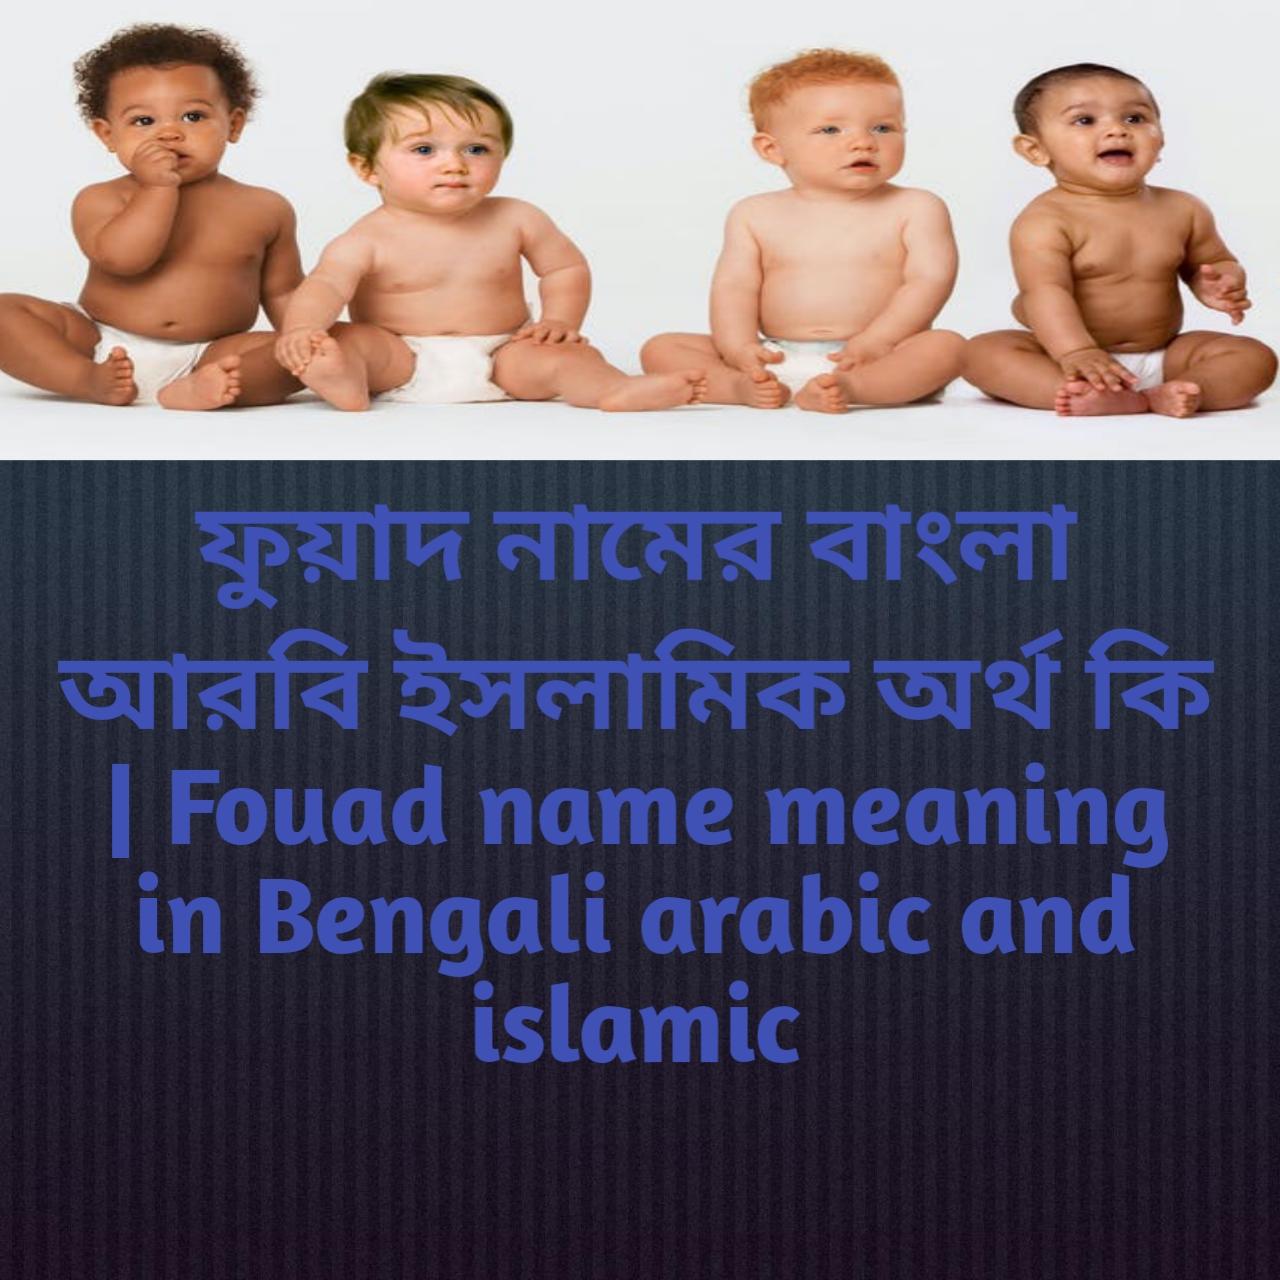 ফুয়াদ নামের অর্থ কি, ফুয়াদ নামের বাংলা অর্থ কি, ফুয়াদ নামের ইসলামিক অর্থ কি, Fouad name meaning in Bengali, ফুয়াদ কি ইসলামিক নাম,